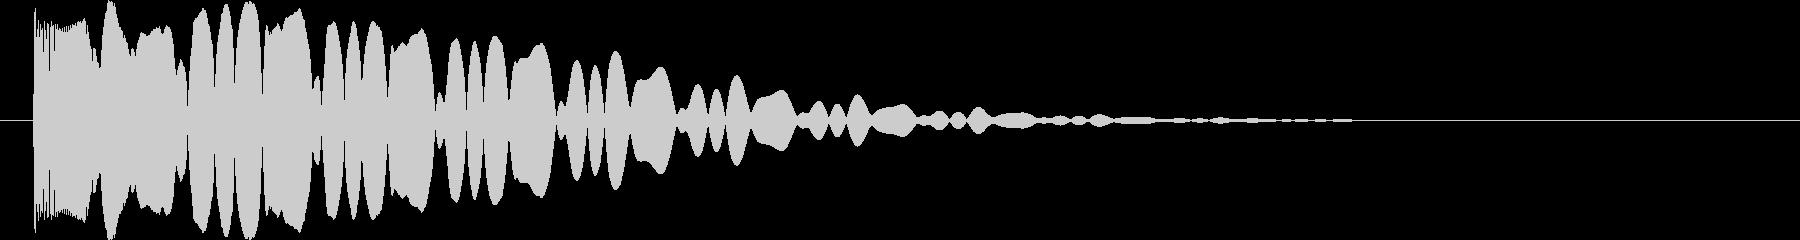 キュイーン(パチスロで当たった時の音)の未再生の波形